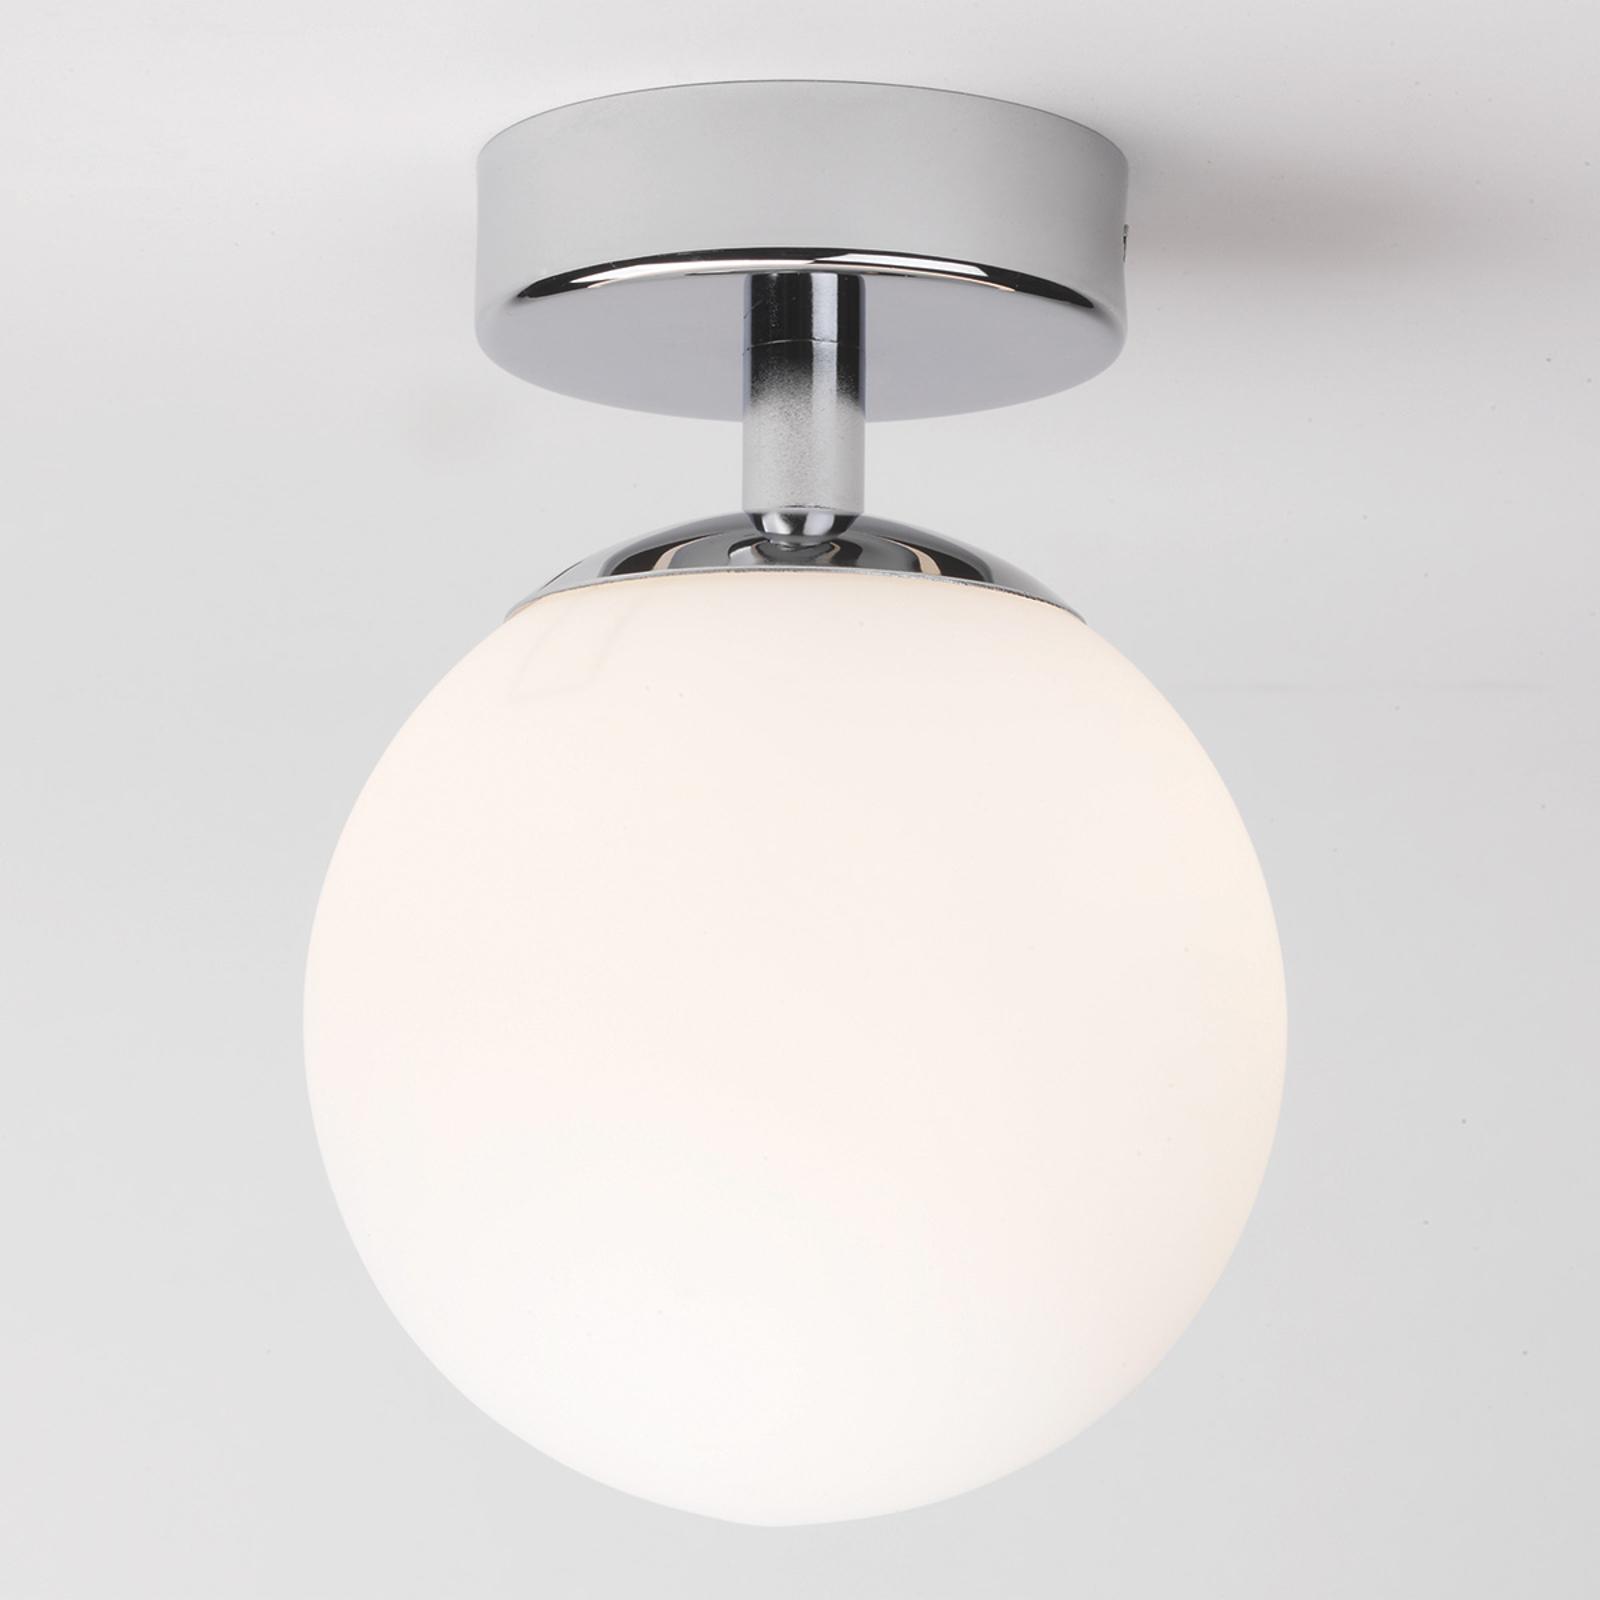 Dekorativ kugle loftslampe DENVER